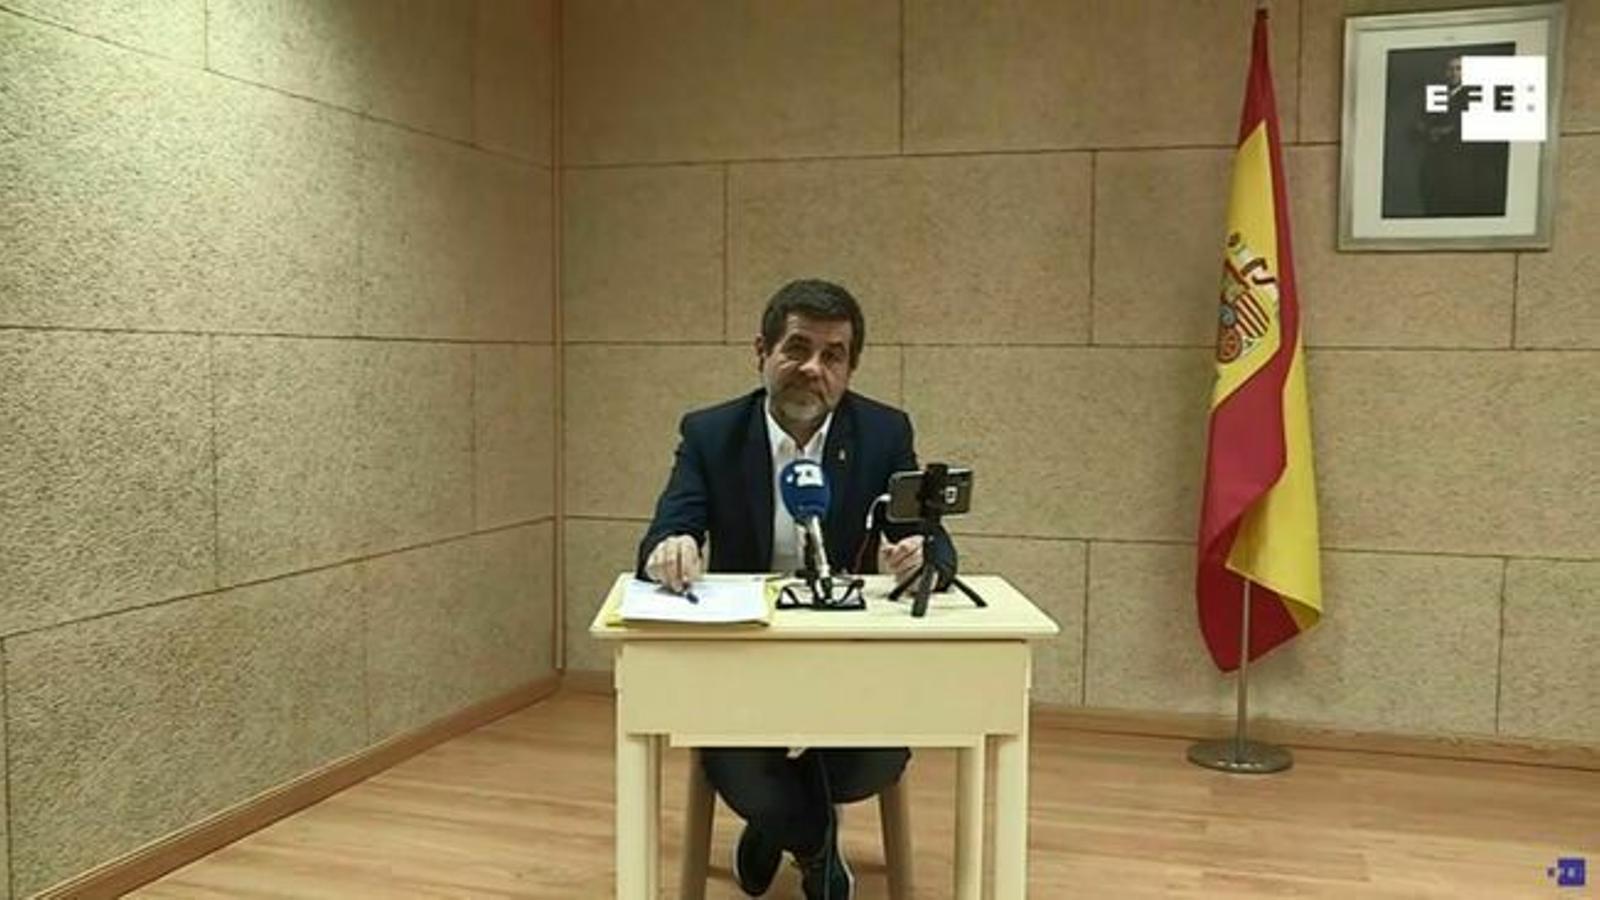 Jordi Sànchez s'ofereix com a soci estable del PSOE si accepta parlar del referèndum